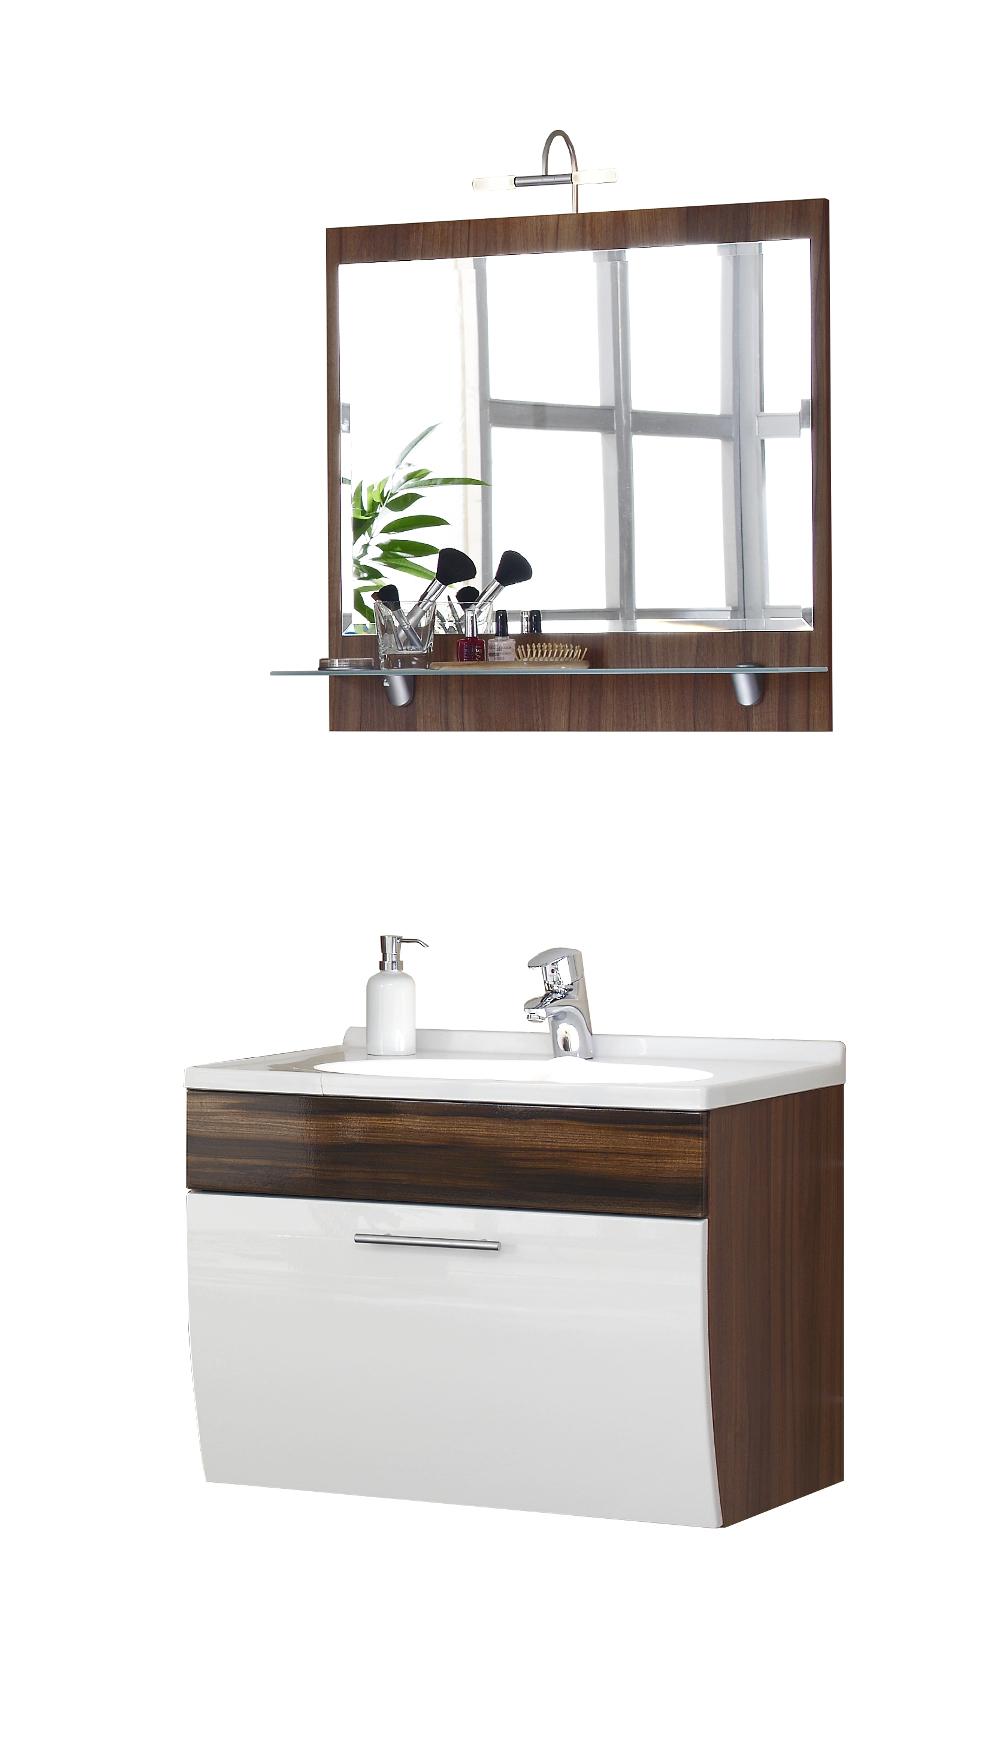 badm bel set salona mit spiegel 4 teilig 70 cm breit